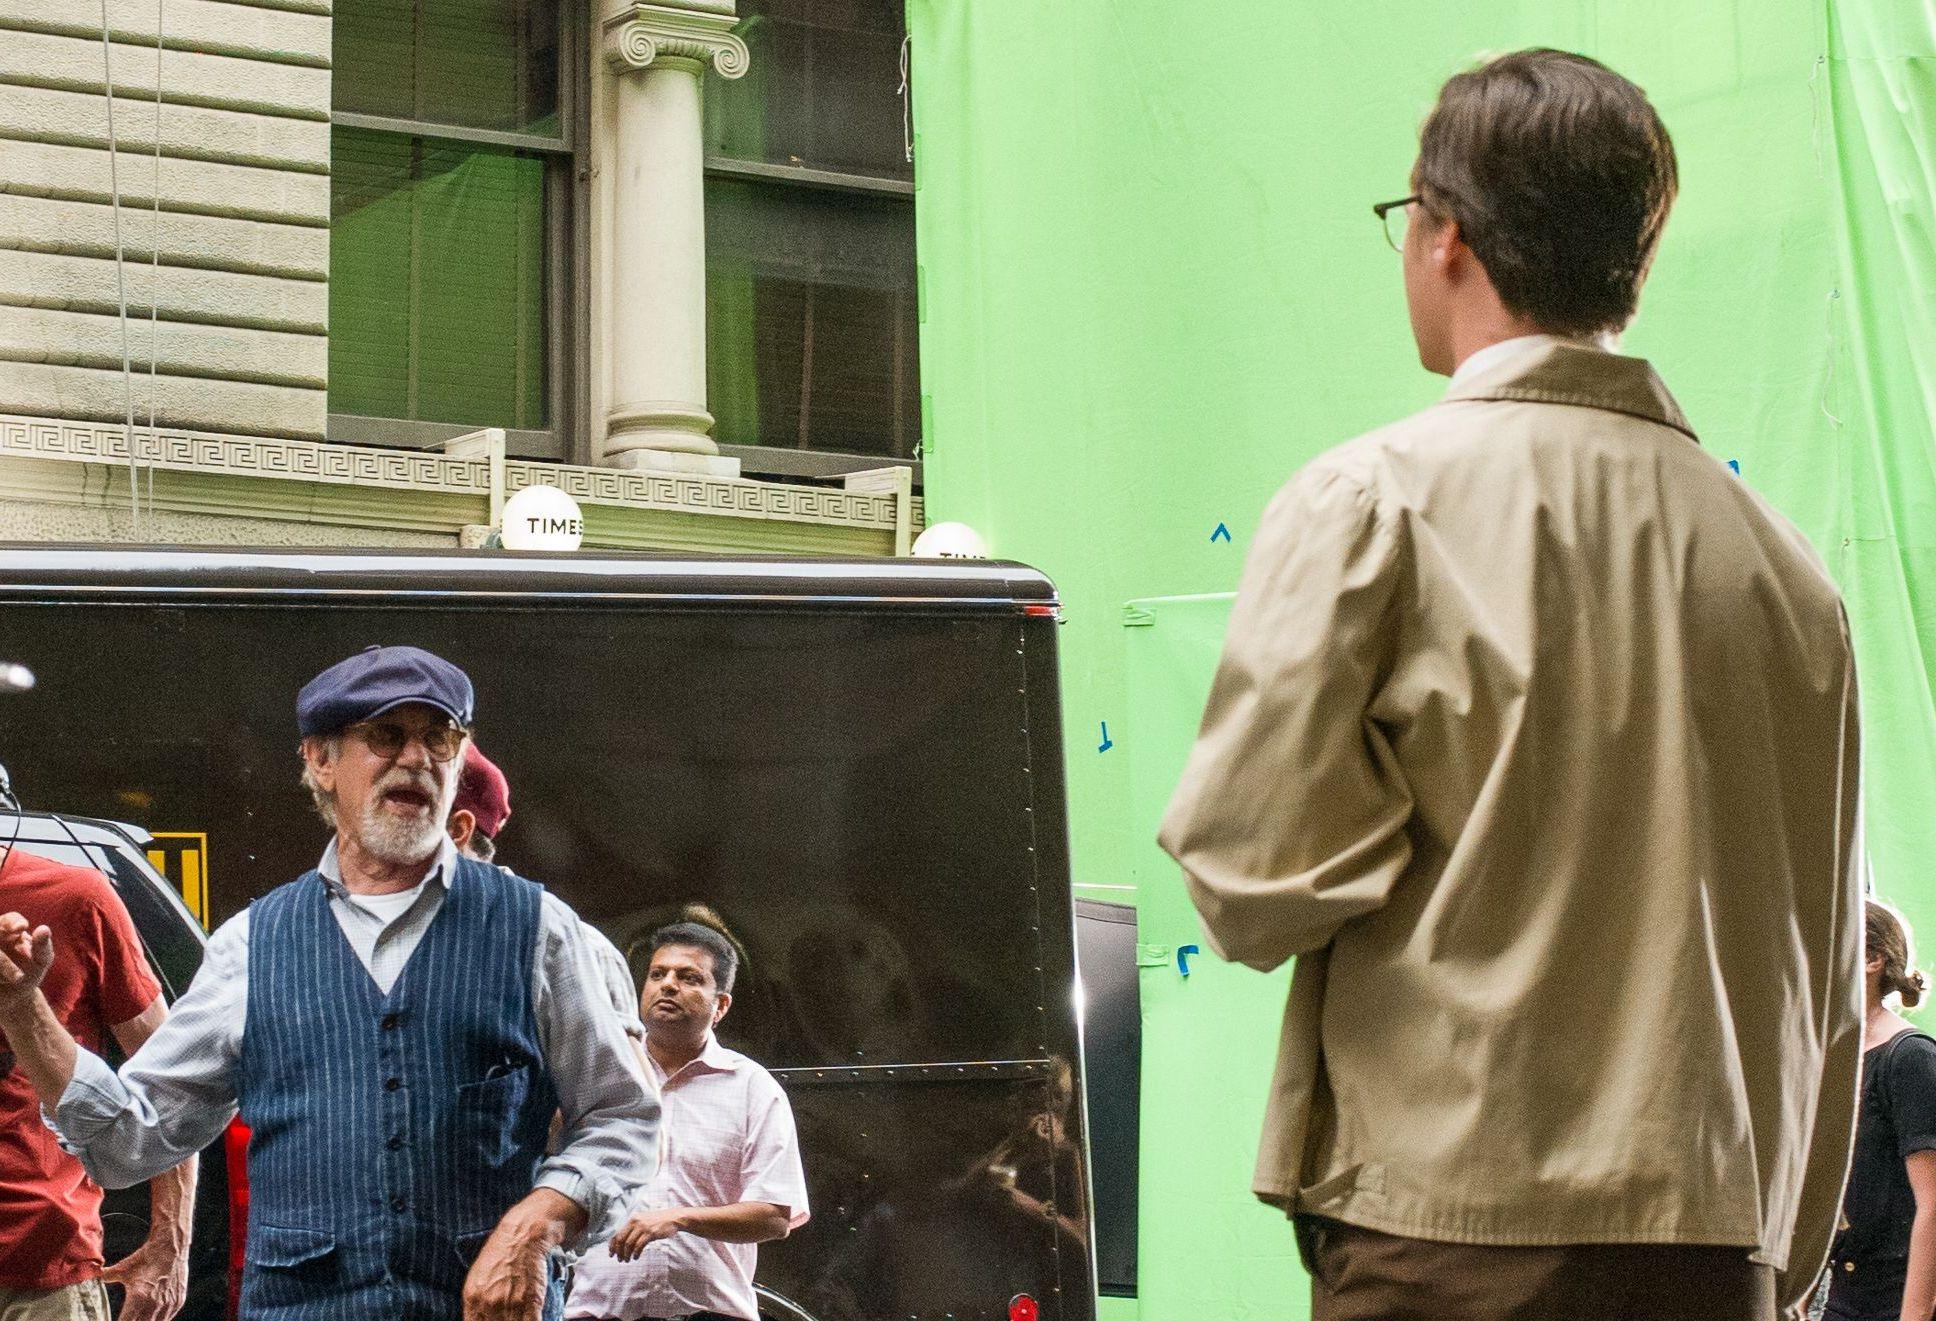 Steven Spielberg, Luke Slattery'The Papers' on set filming, New York, USA - 11 Jul 2017